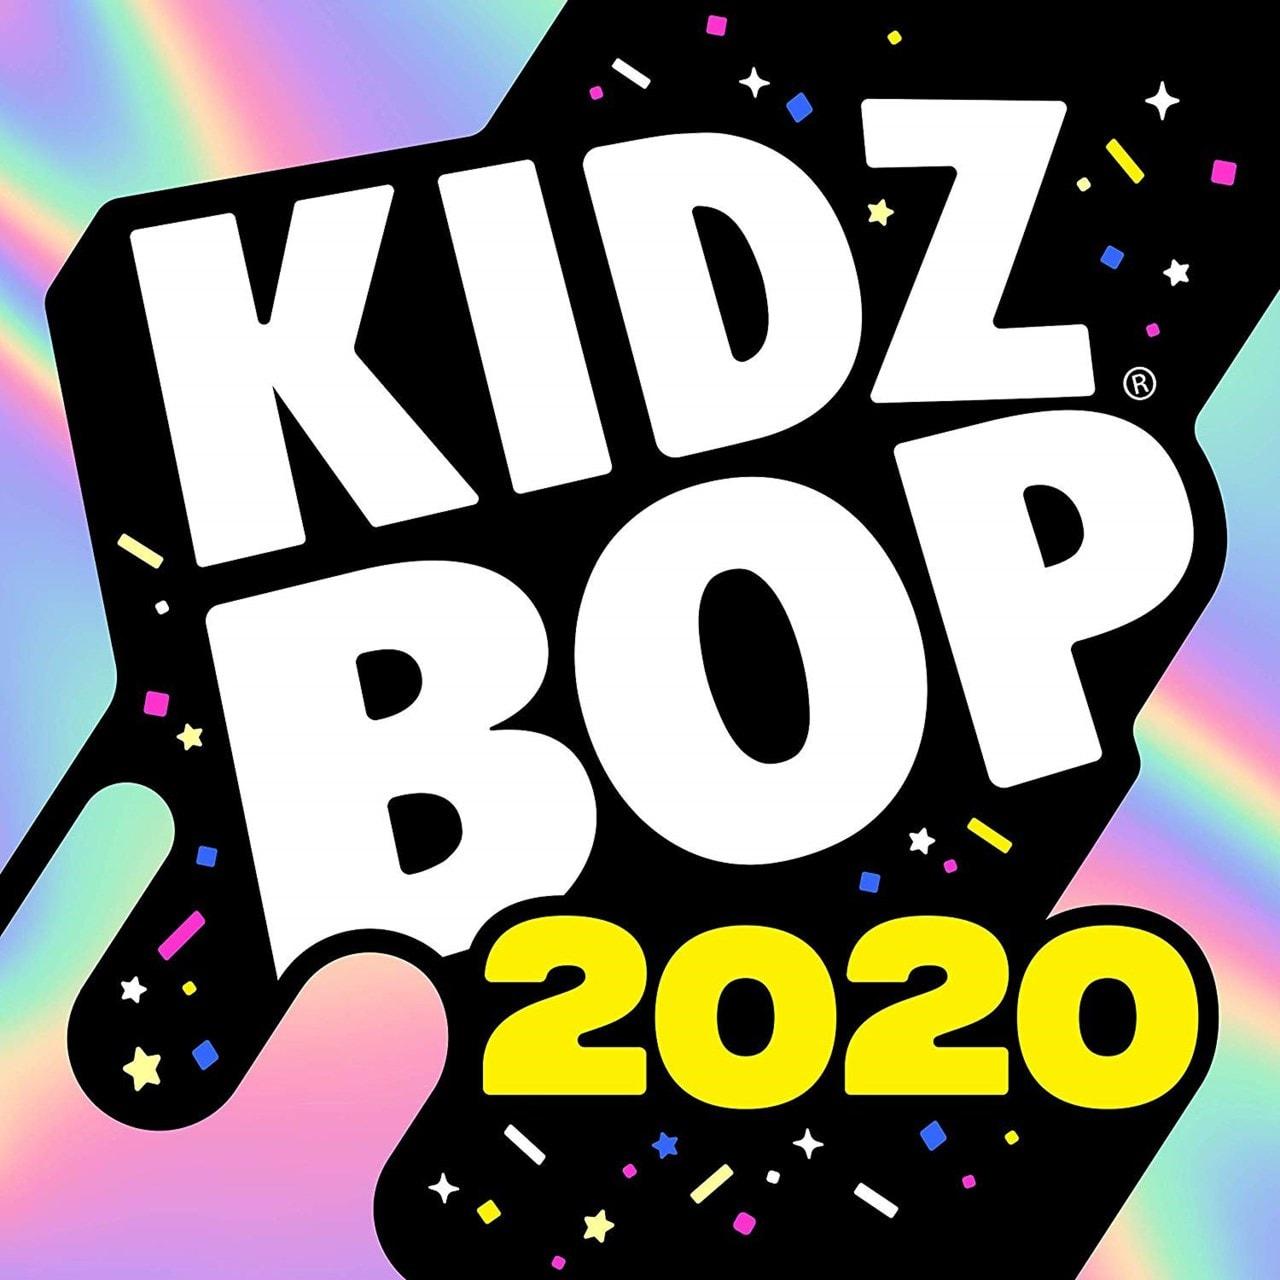 Kidz Bop 2020 - 1